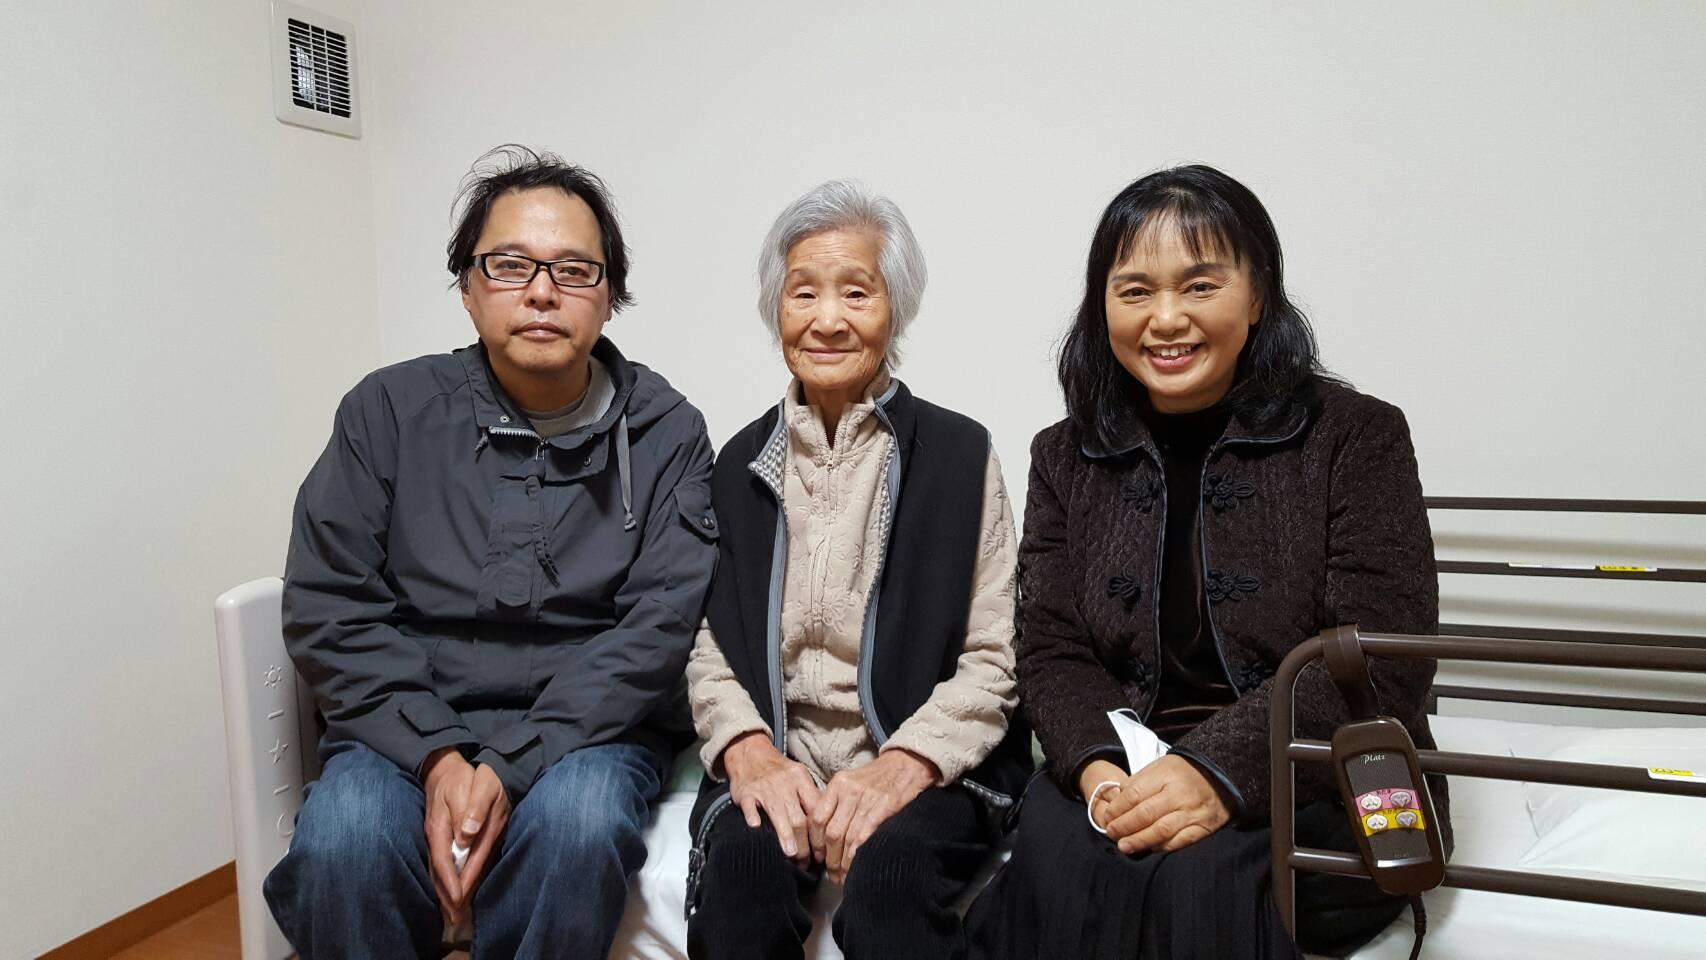 豊中市のサービス付き高齢者向け住宅にご入居されました